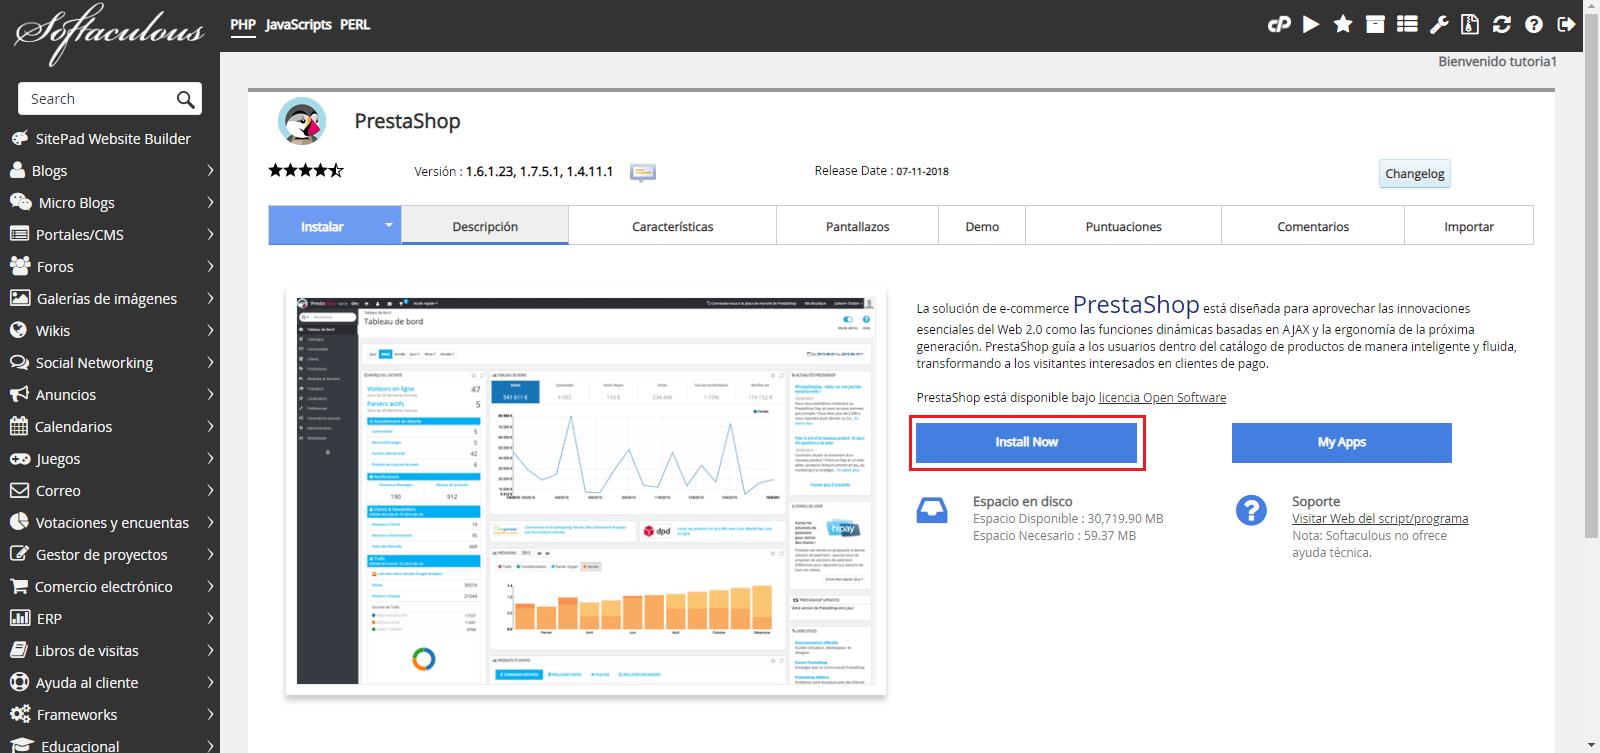 Instalar PrestaShop Hostingbigmaker 2